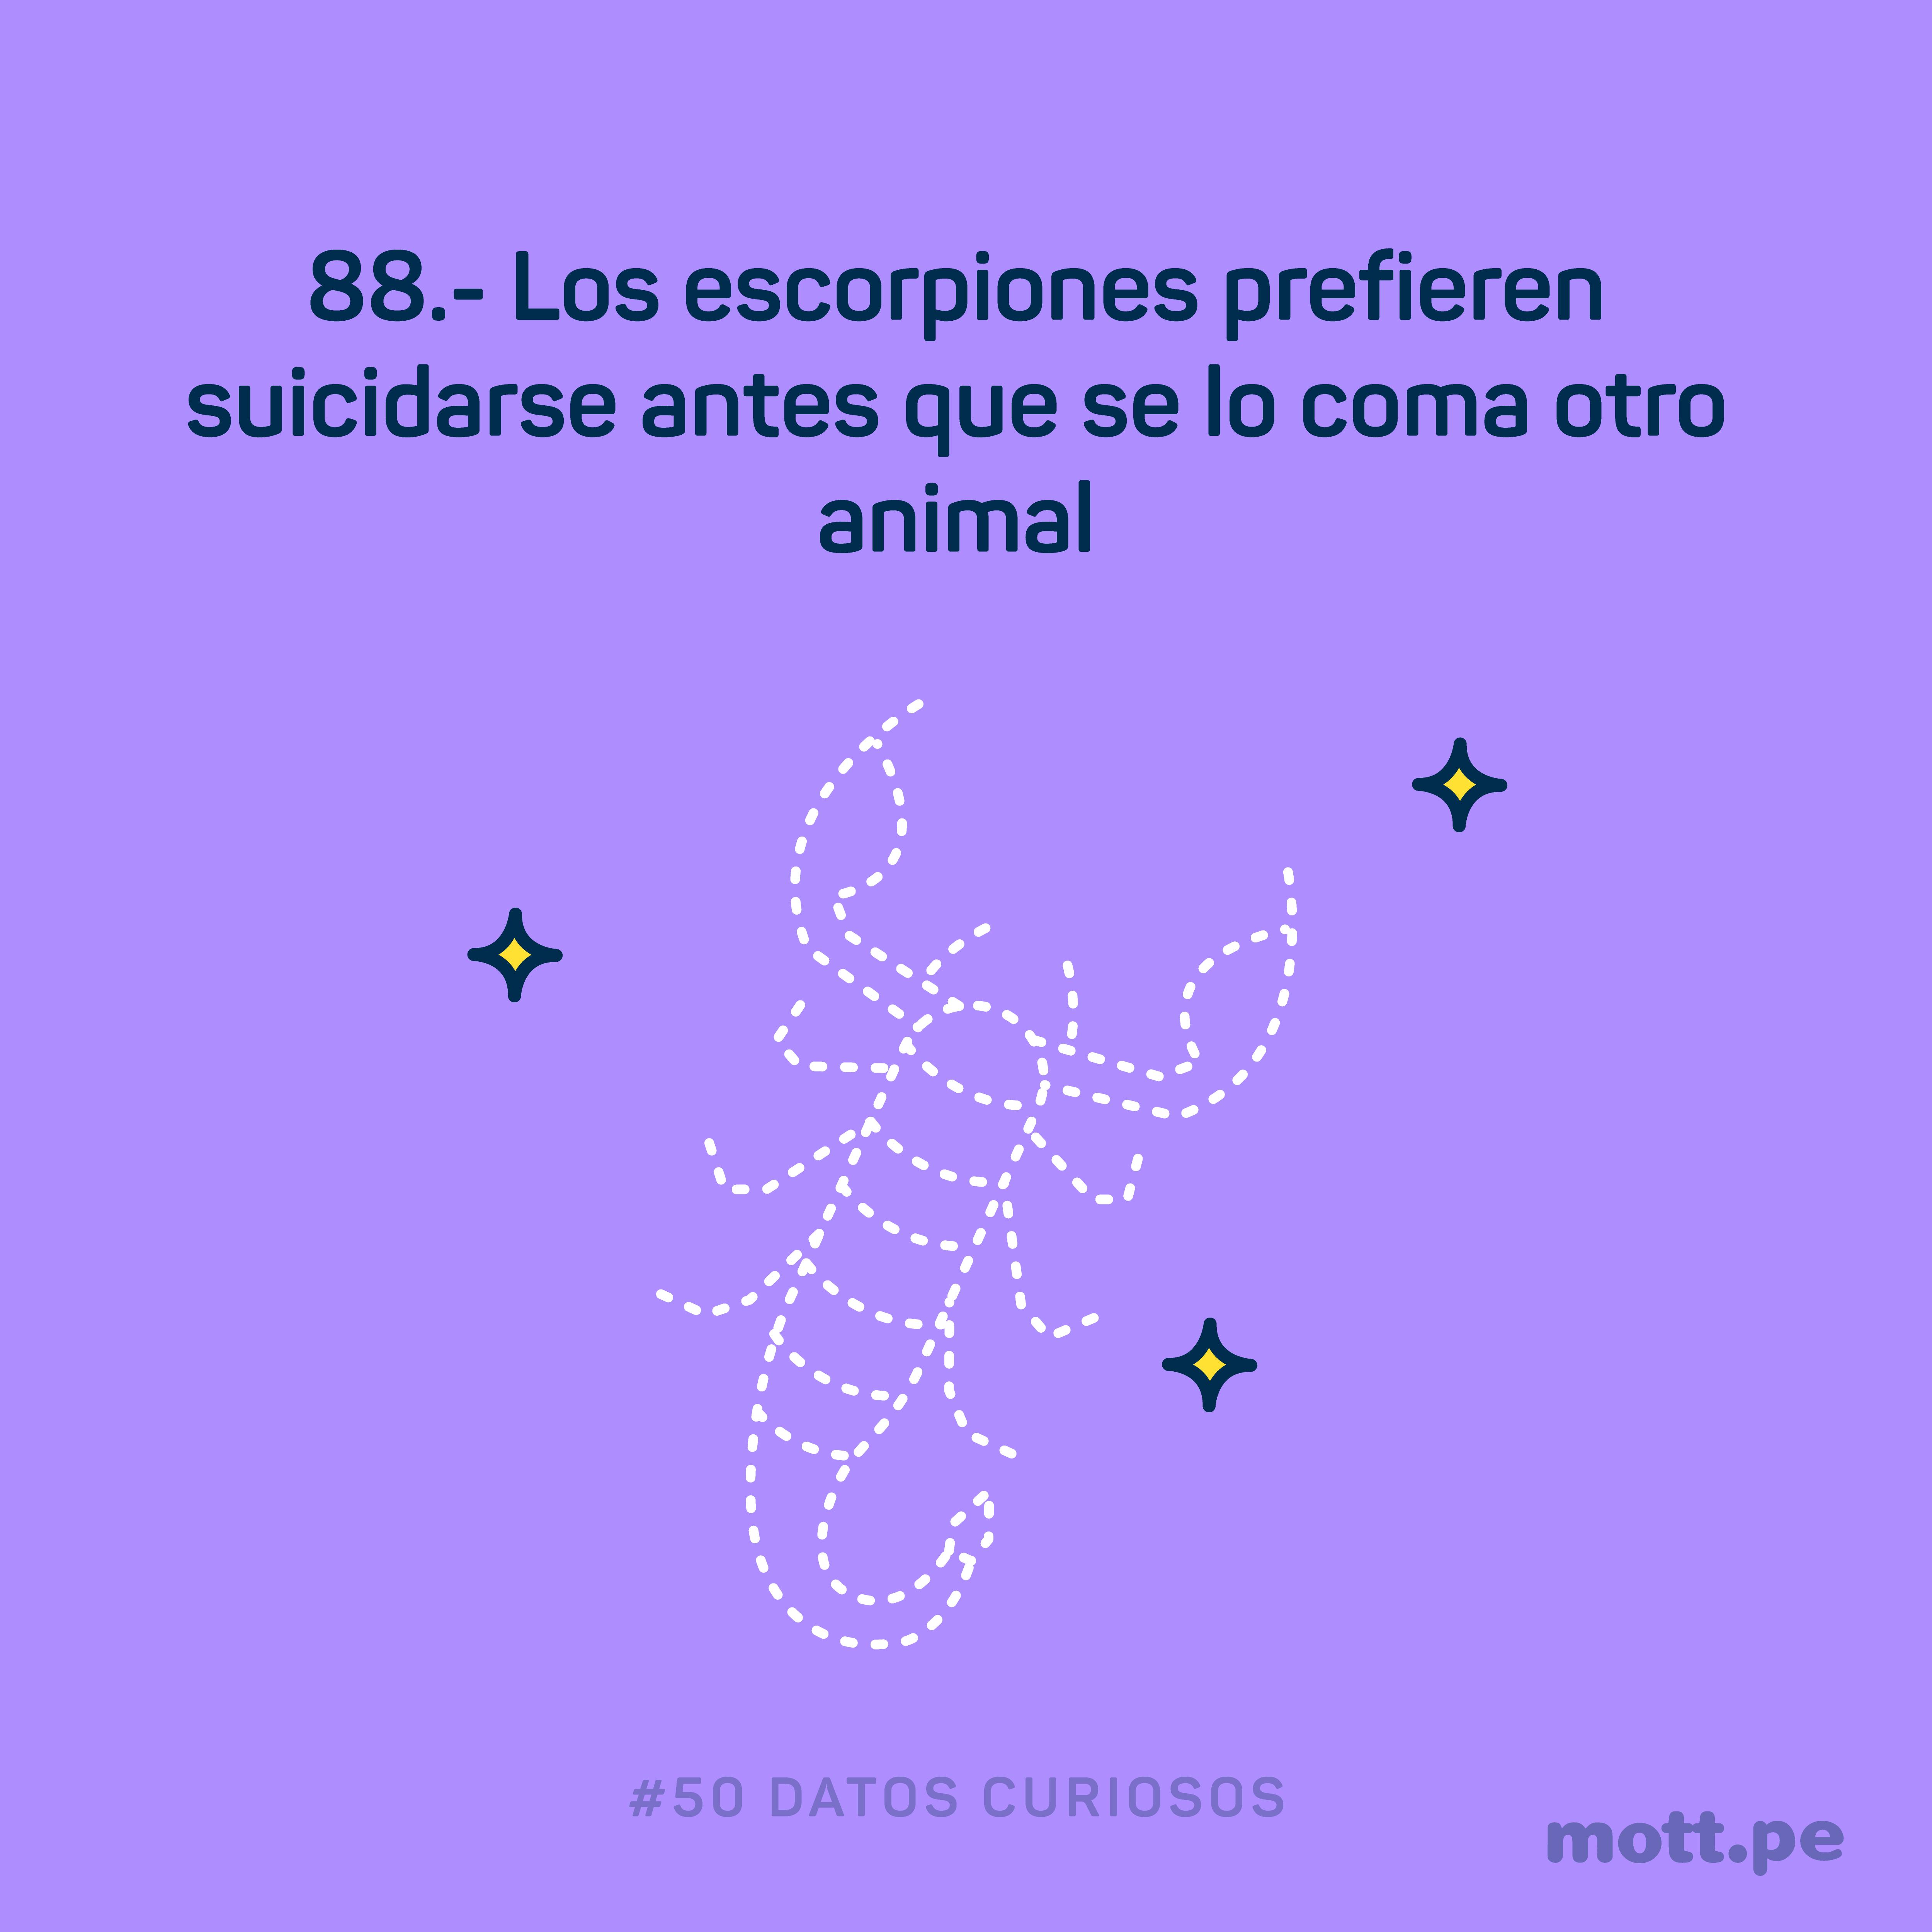 los escorpiones se suicidan